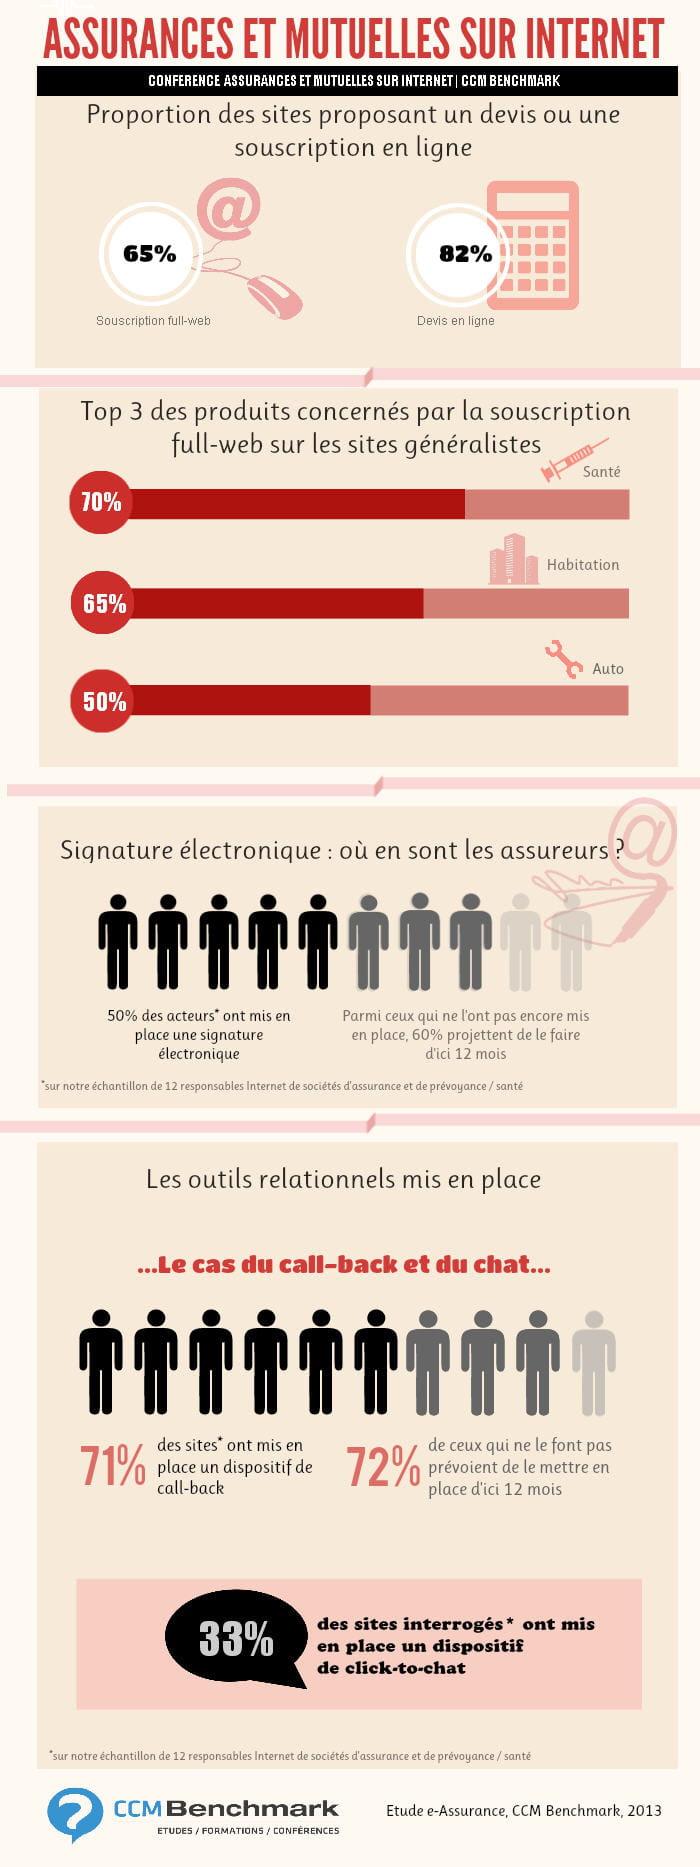 Infographie : assurances et mutuelles sur Internet en 2013